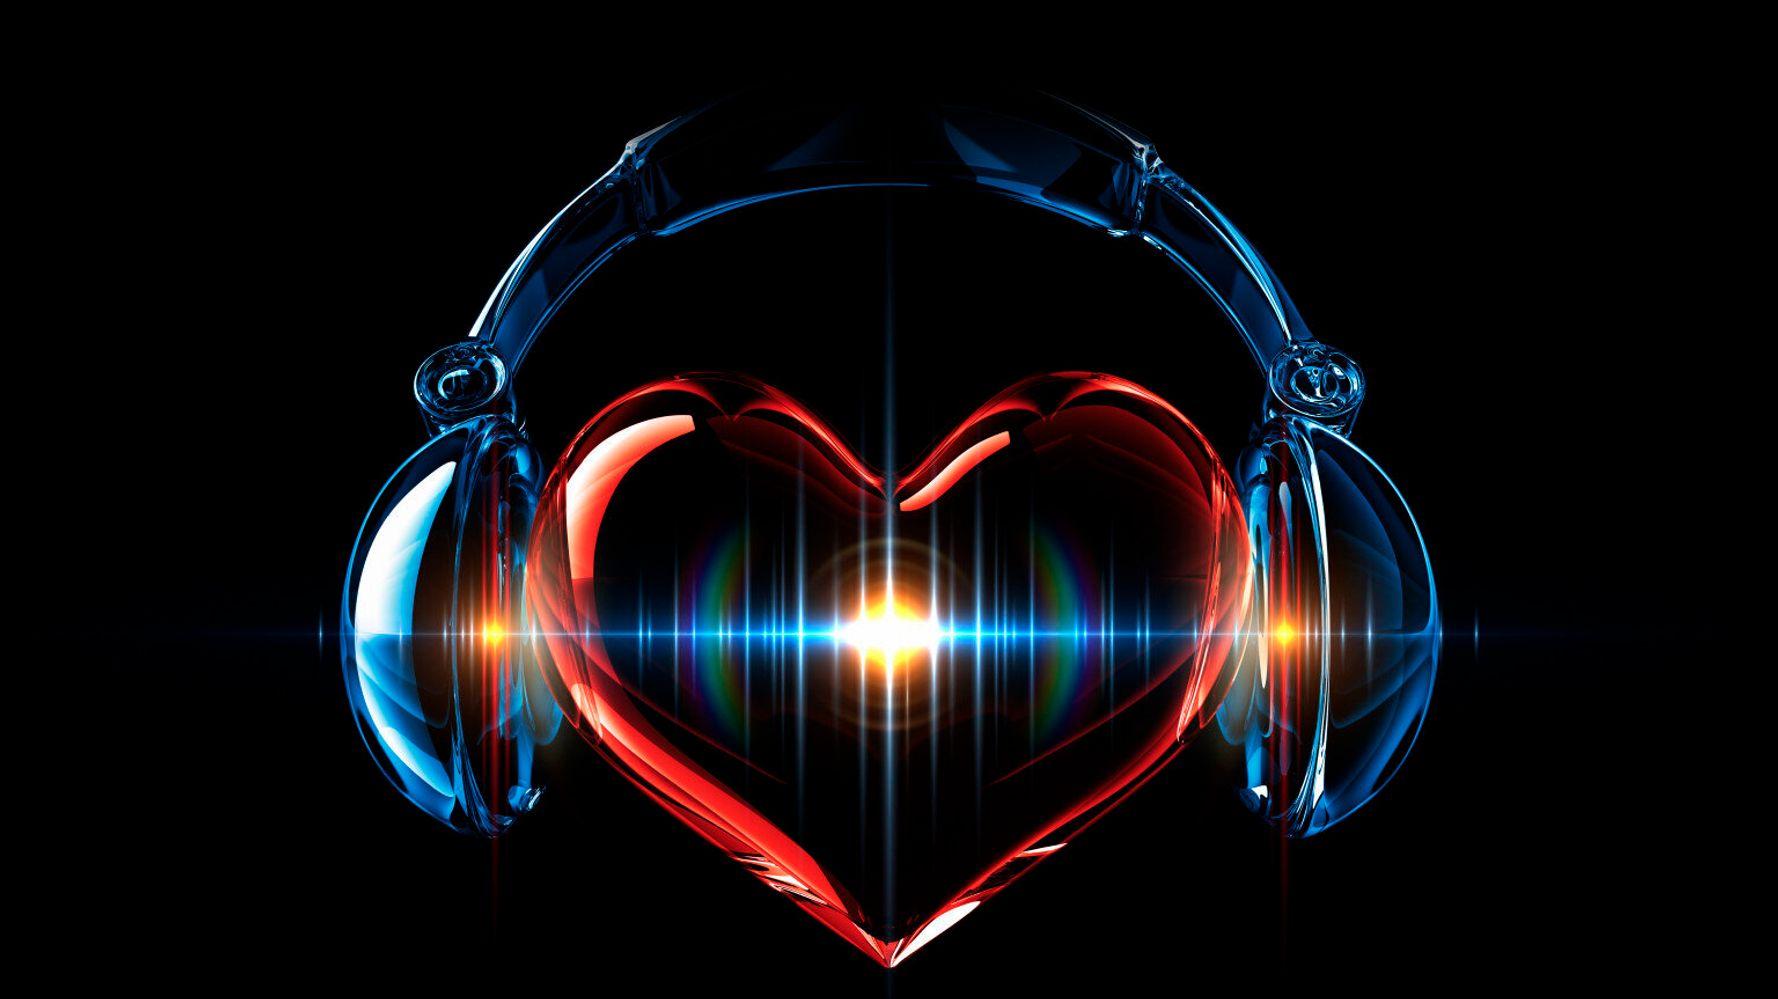 ضربان قلب بتهوون در سمفونیها: چگونه موسیقی میتواند قلب را به معنای واقعی کلمه شفا دهد؟